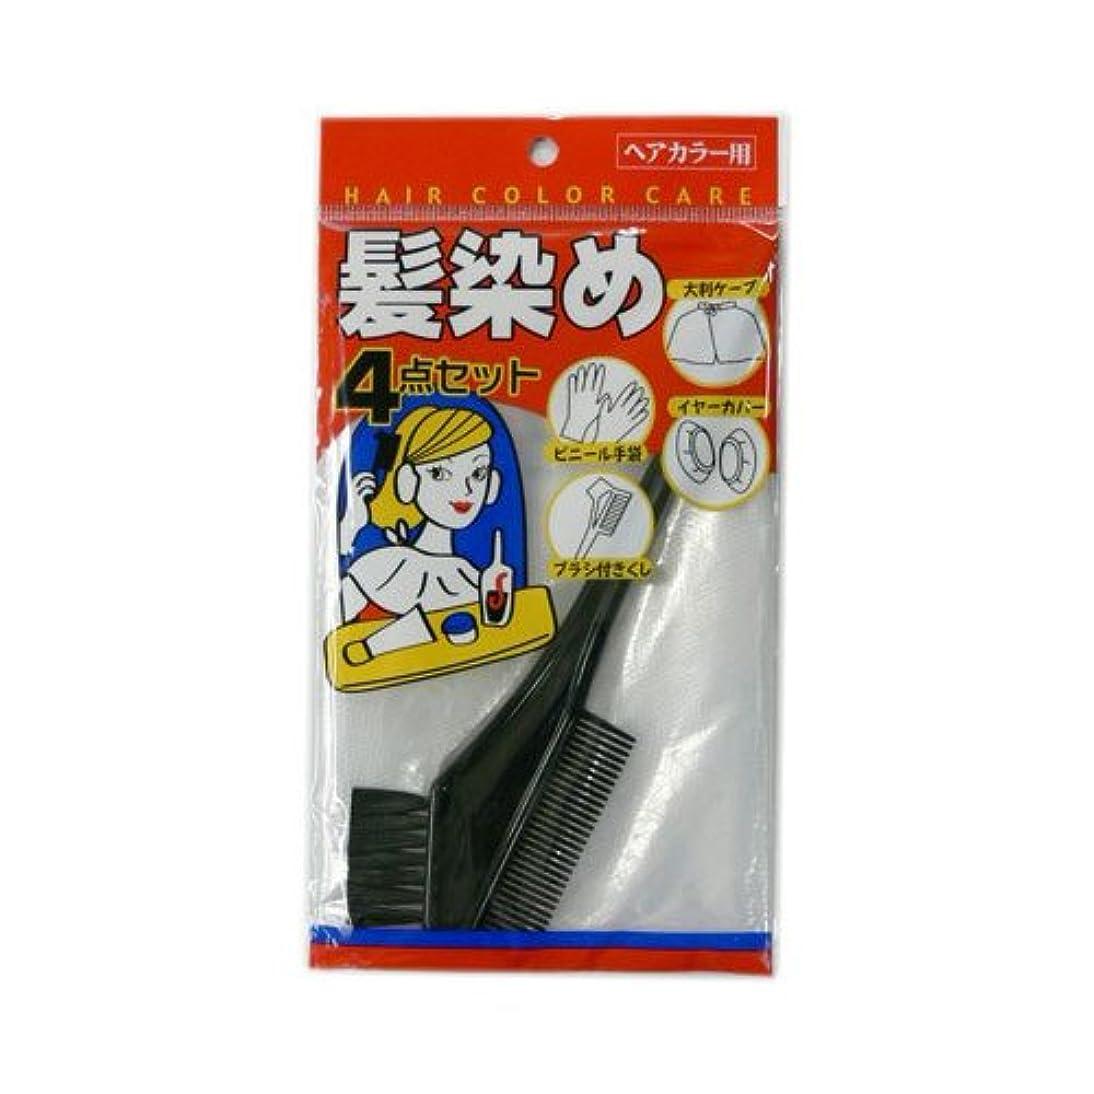 パンサー麺助けてヘアカラー用 髪染め4点セット Hair Color Care